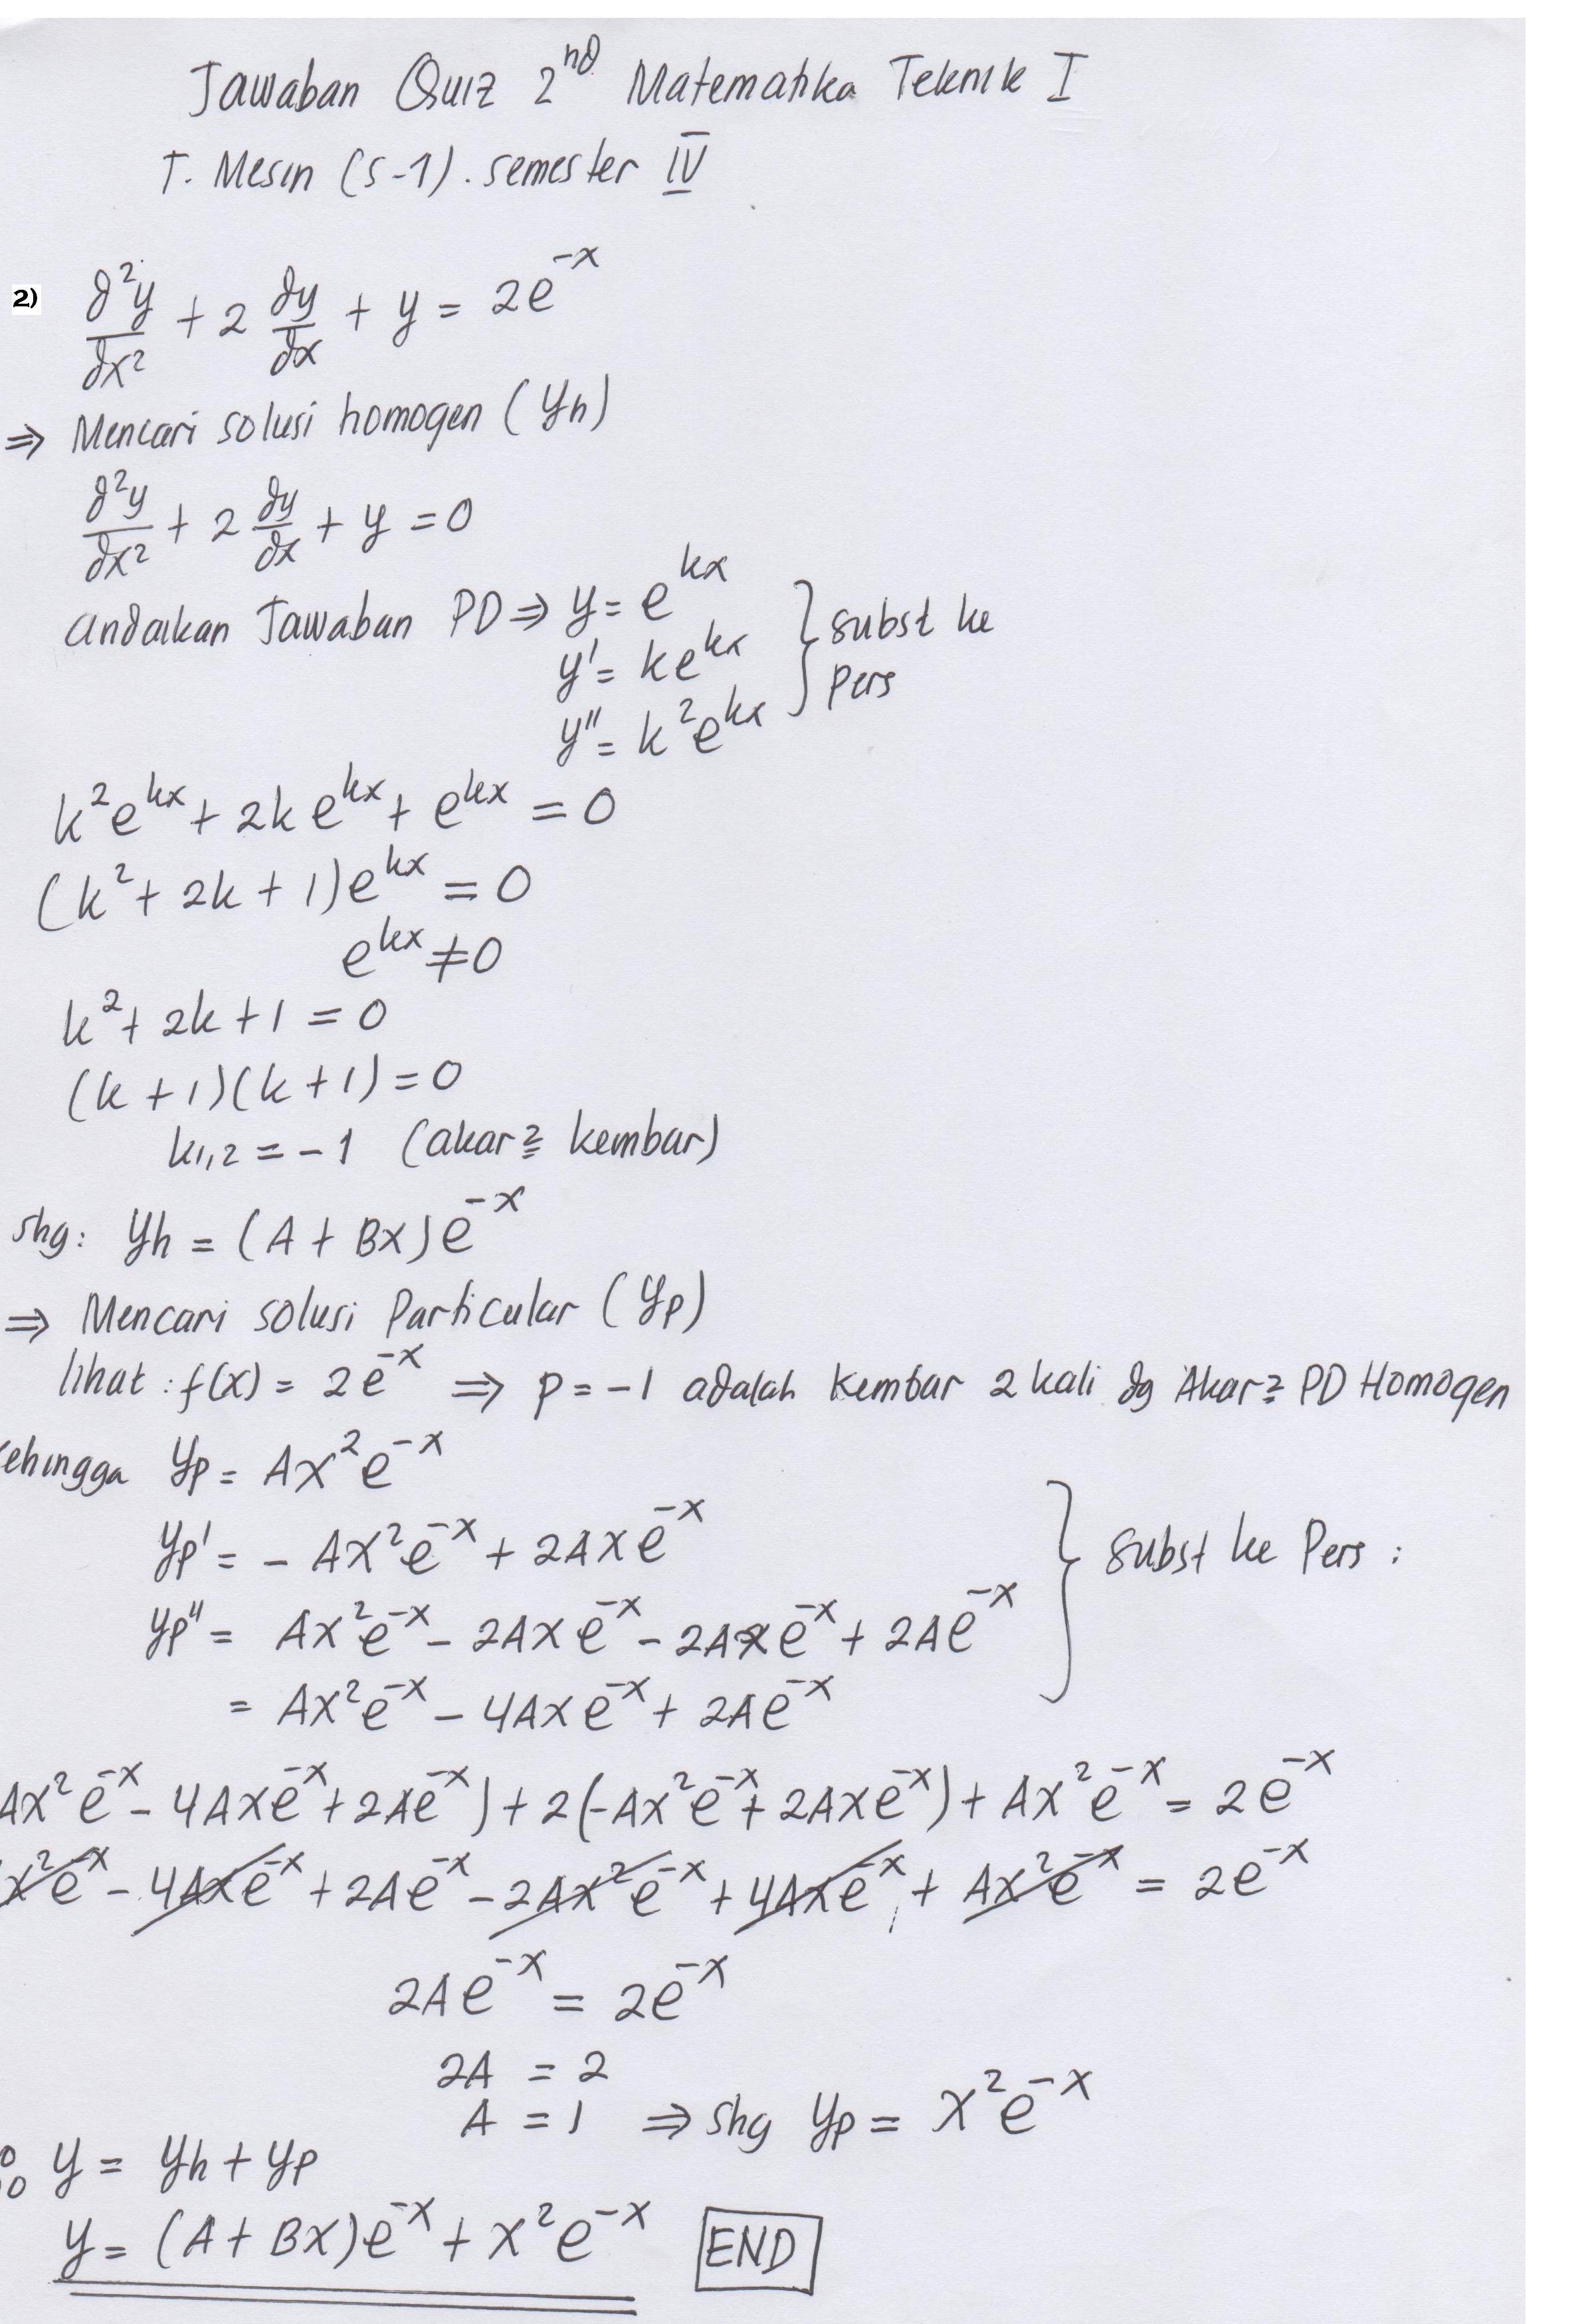 28/02/2021· 111+ contoh soal matematika kuliah semester 1 + penjelasan. Jawaban Quiz 2 Matematika Teknik I Kelas Malam Taufiqur Rokhman